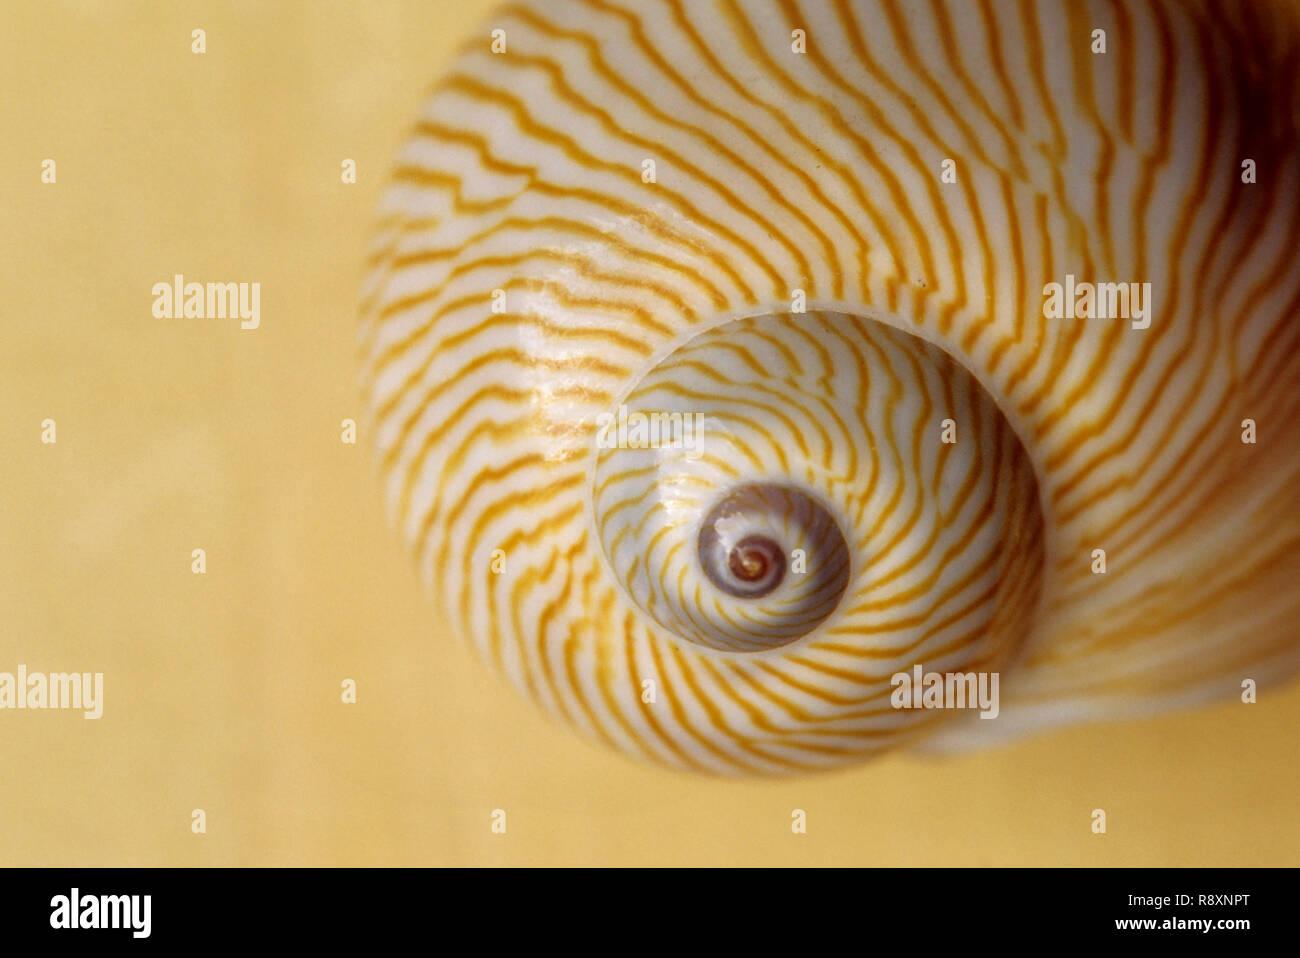 Chiudere ups della shell, concetto, India Immagini Stock